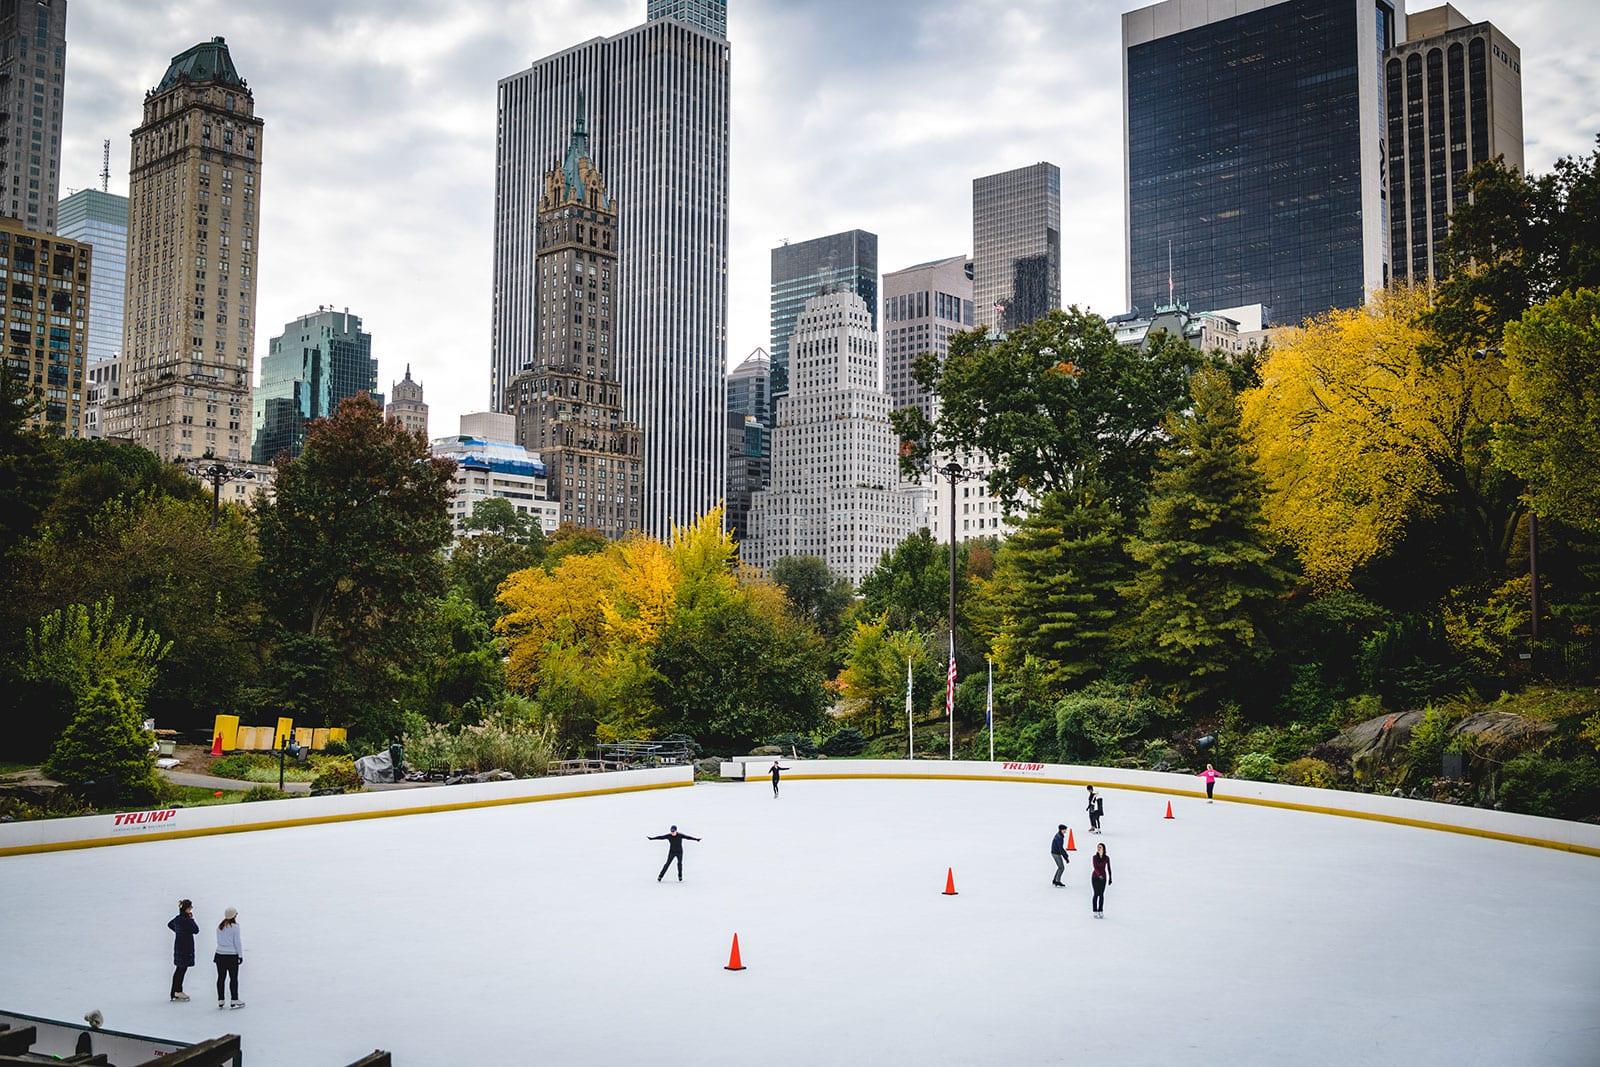 Weihnachten in New York: unsere Insider-Spots & Touren 2018 •